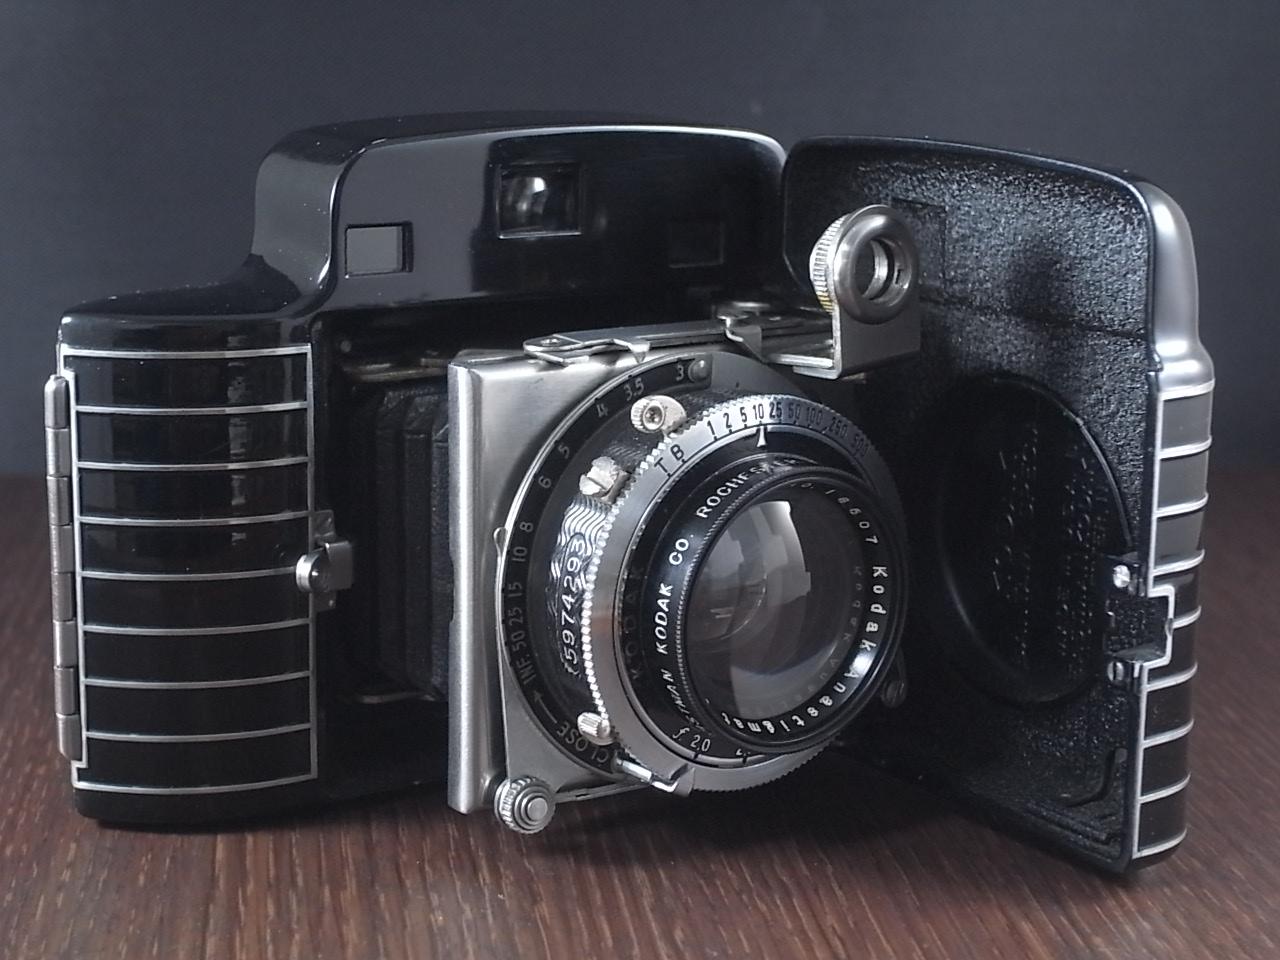 コダック アールデコカメラ バンタムスペシャル(前期)のメイン写真